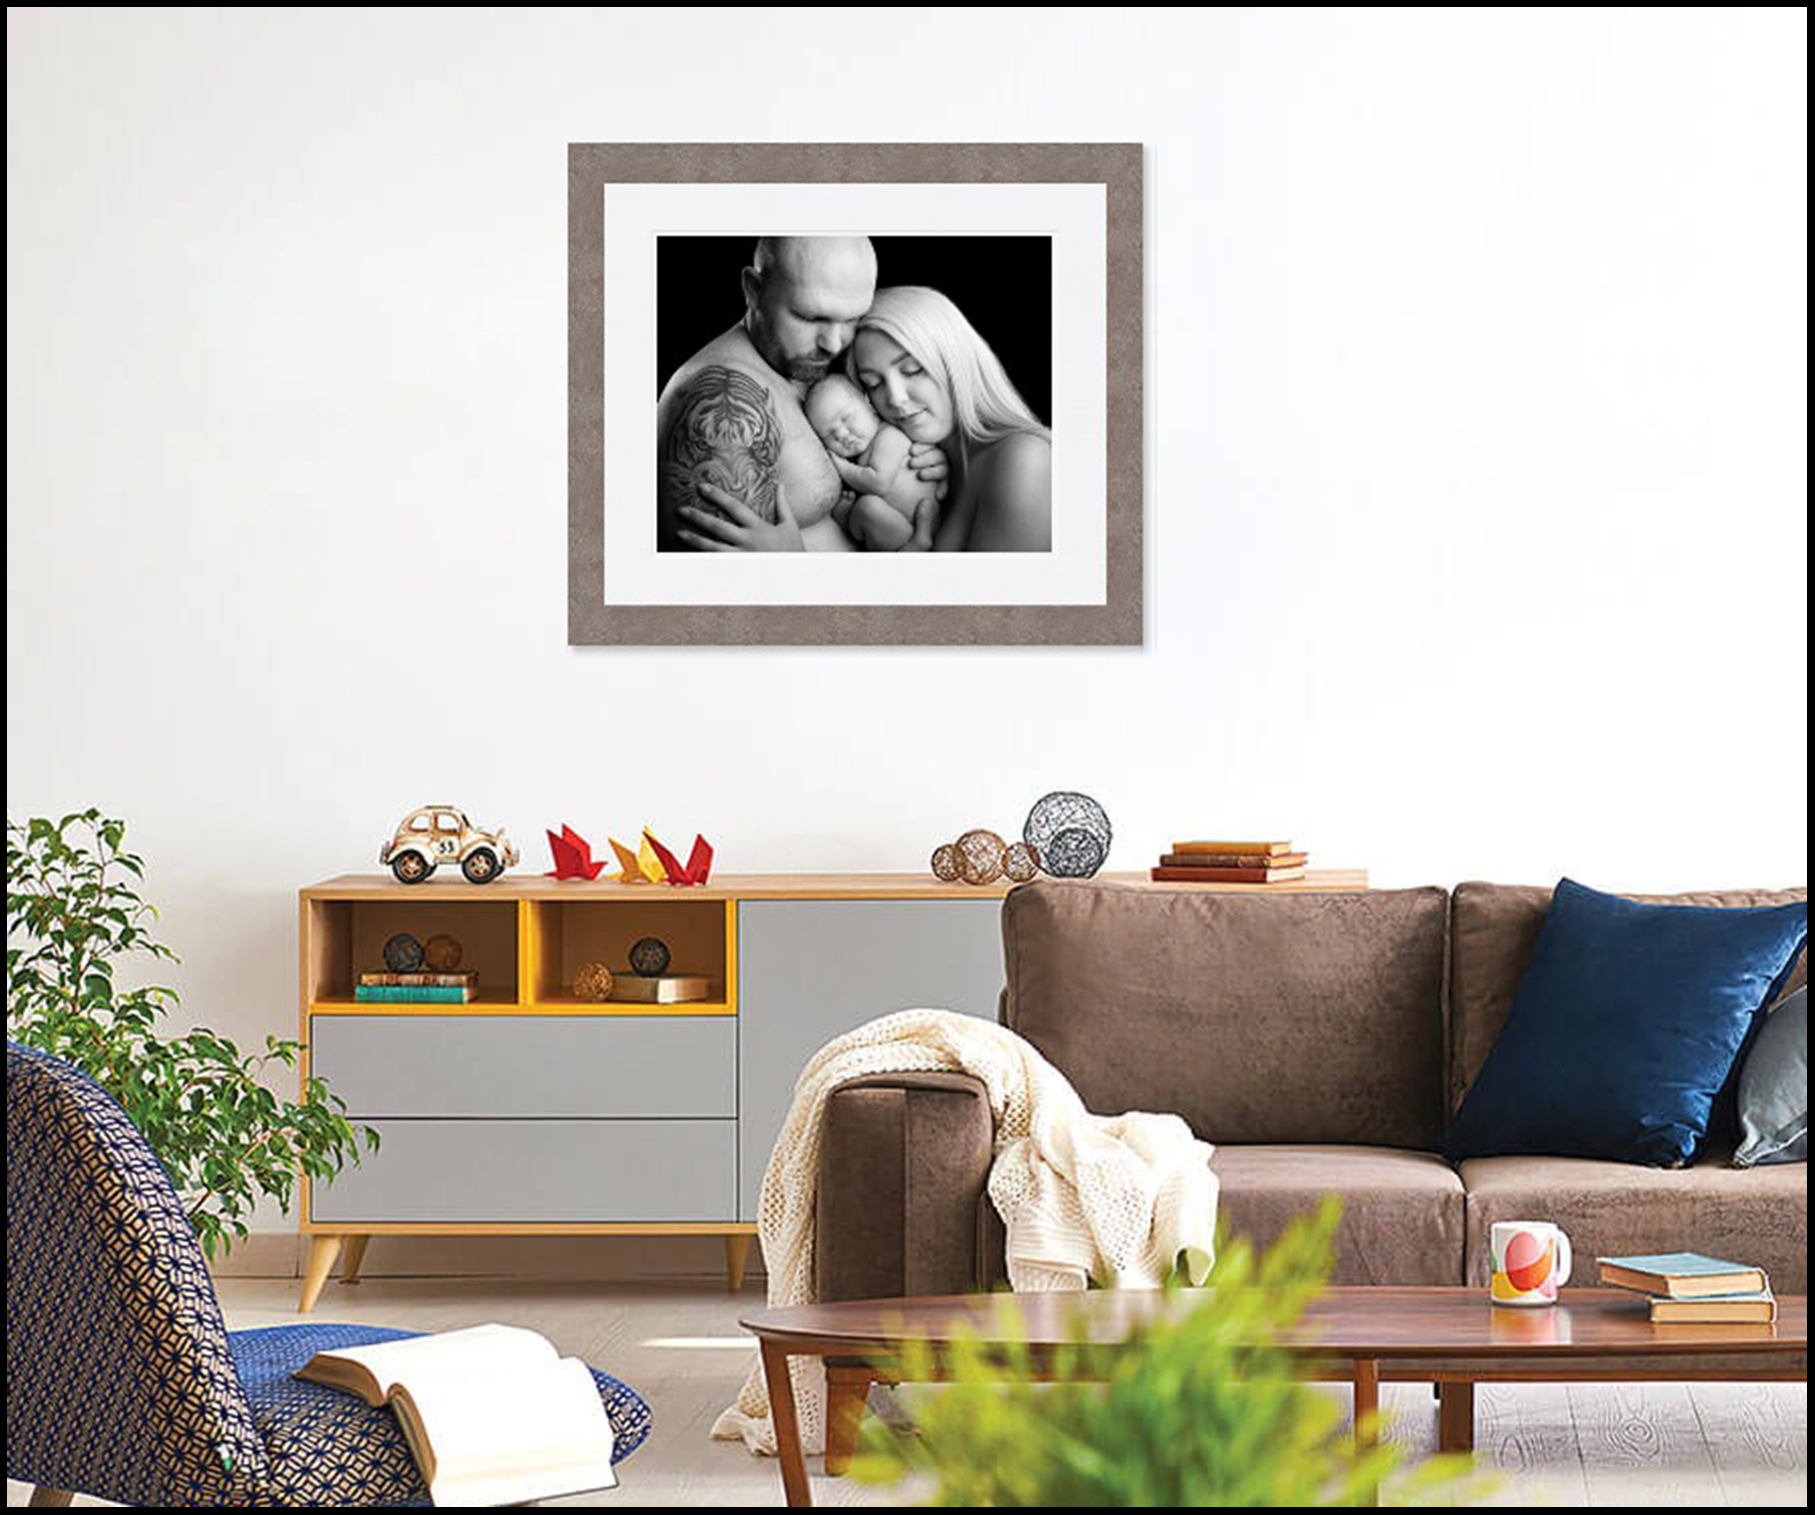 Framed Family wall art image